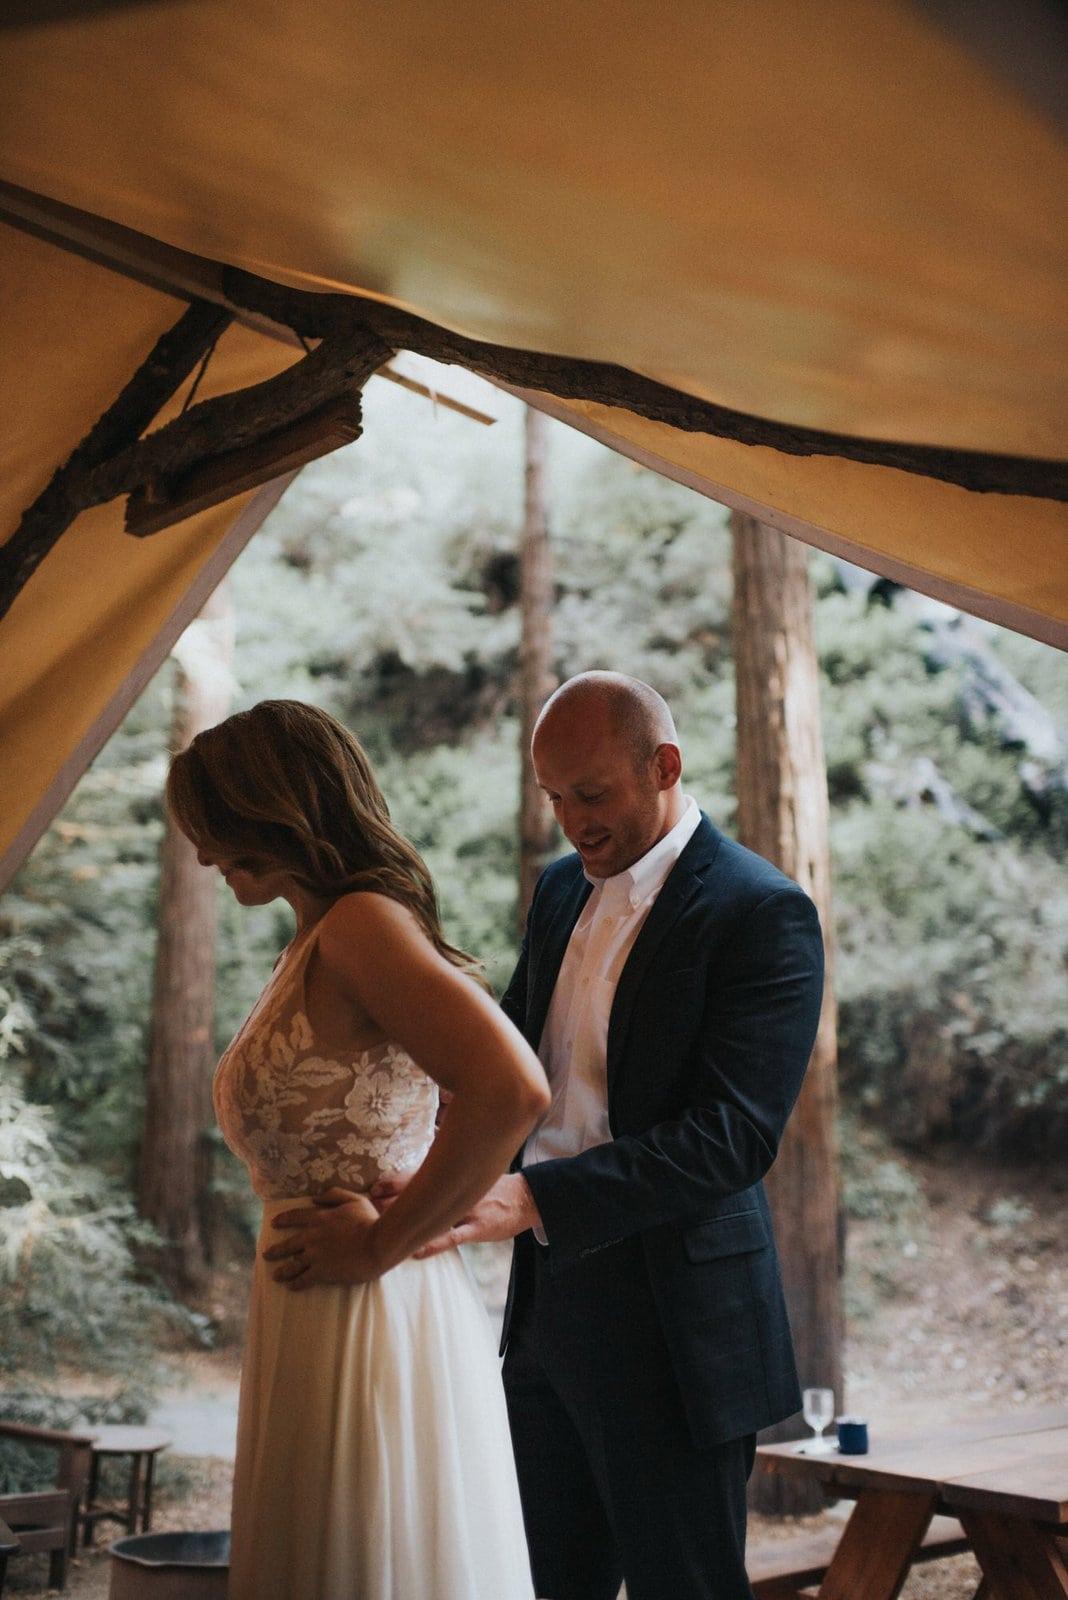 groom helping bride in wedding dress.